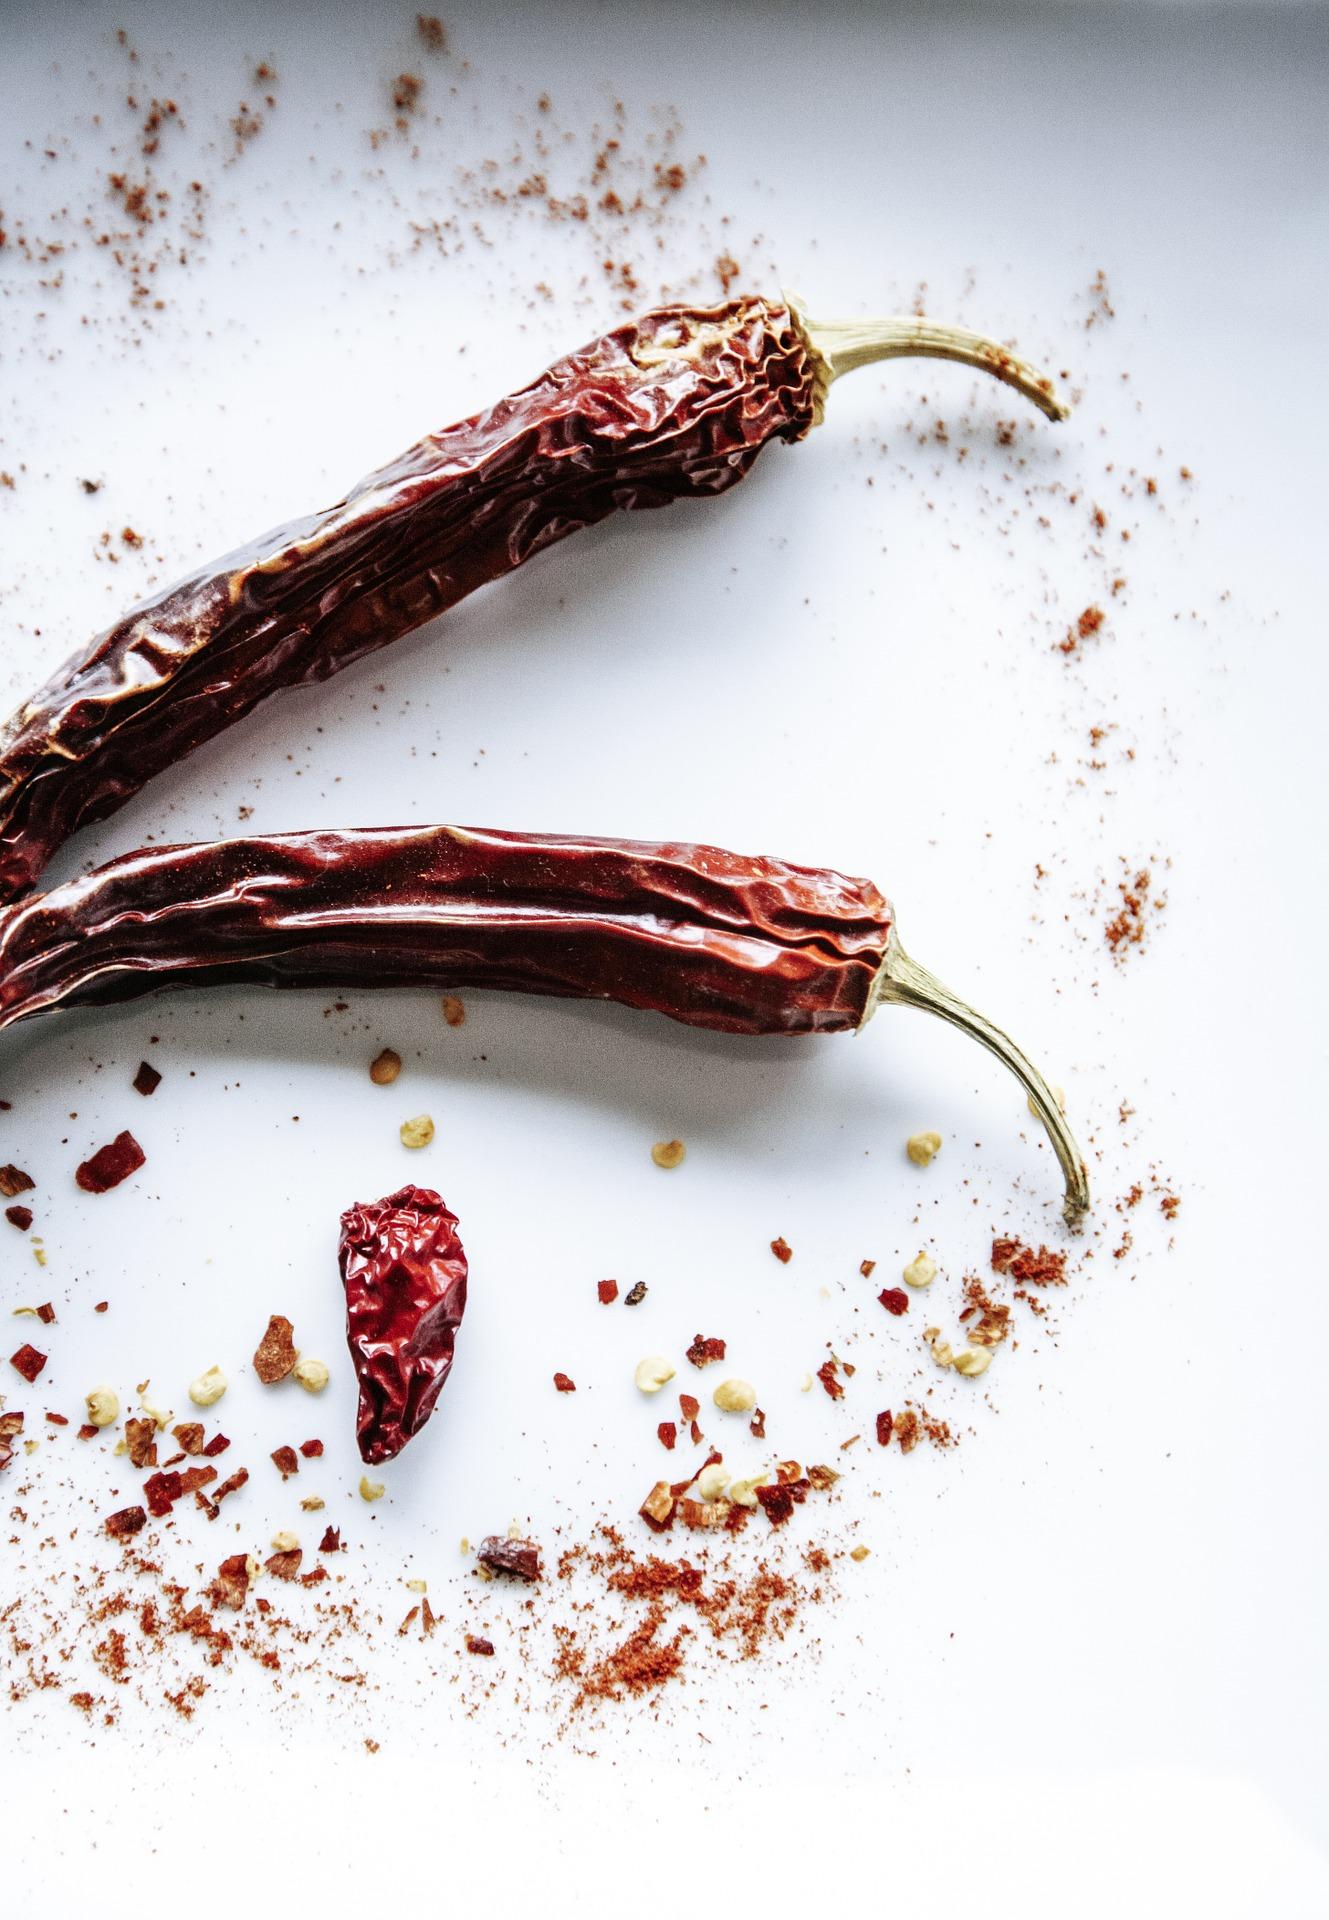 pepperoni-1473540_1920.jpg